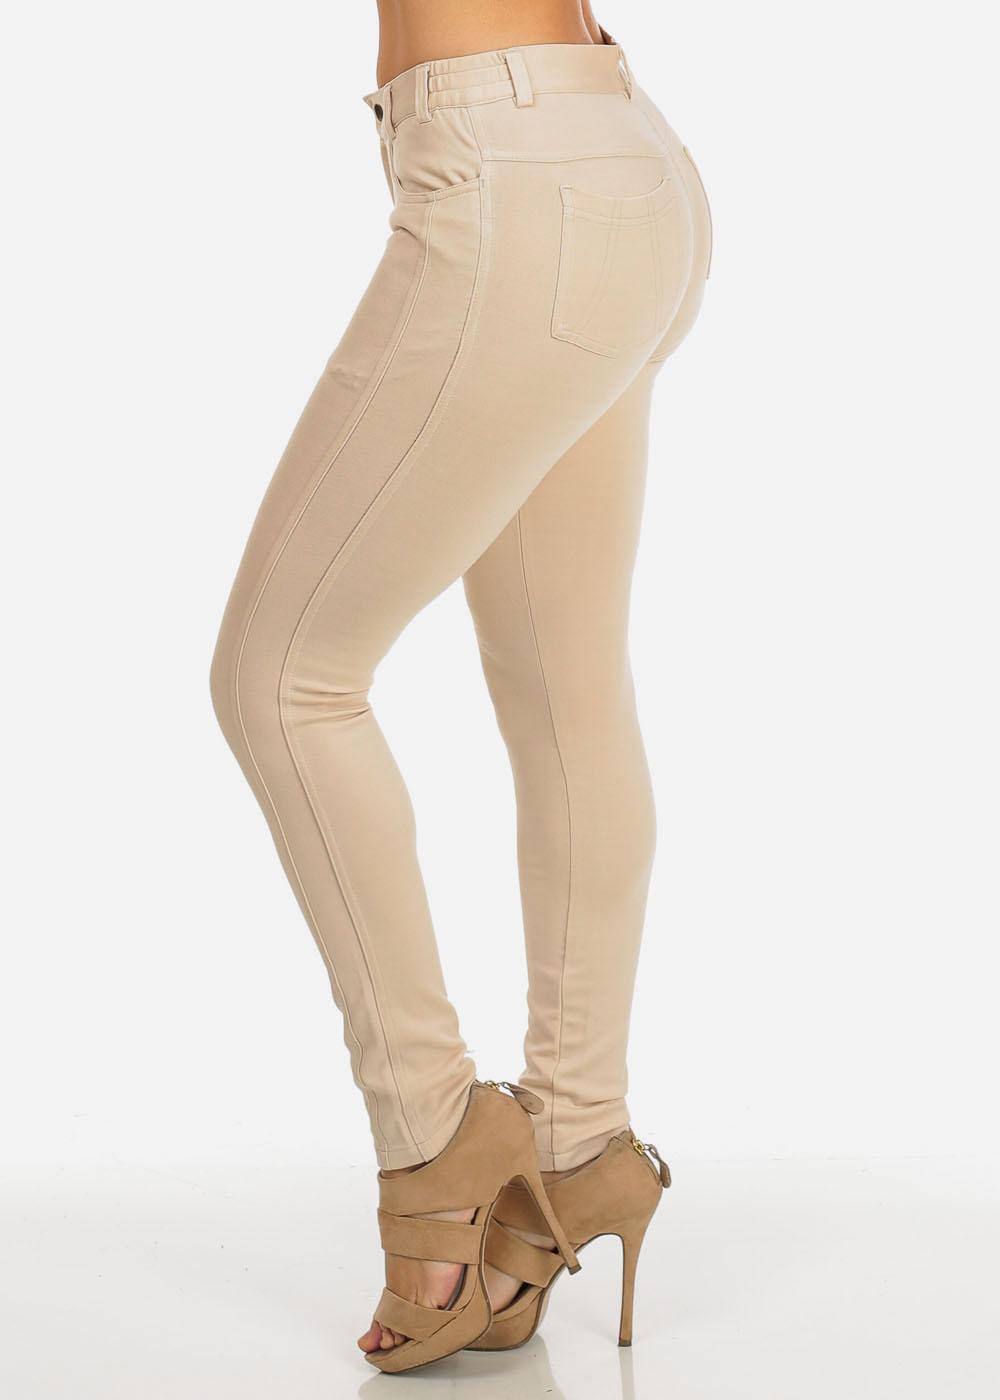 khaki pants for women womens juniors khaki low rise solid skinny moleton pants 10624v KCLSRSU